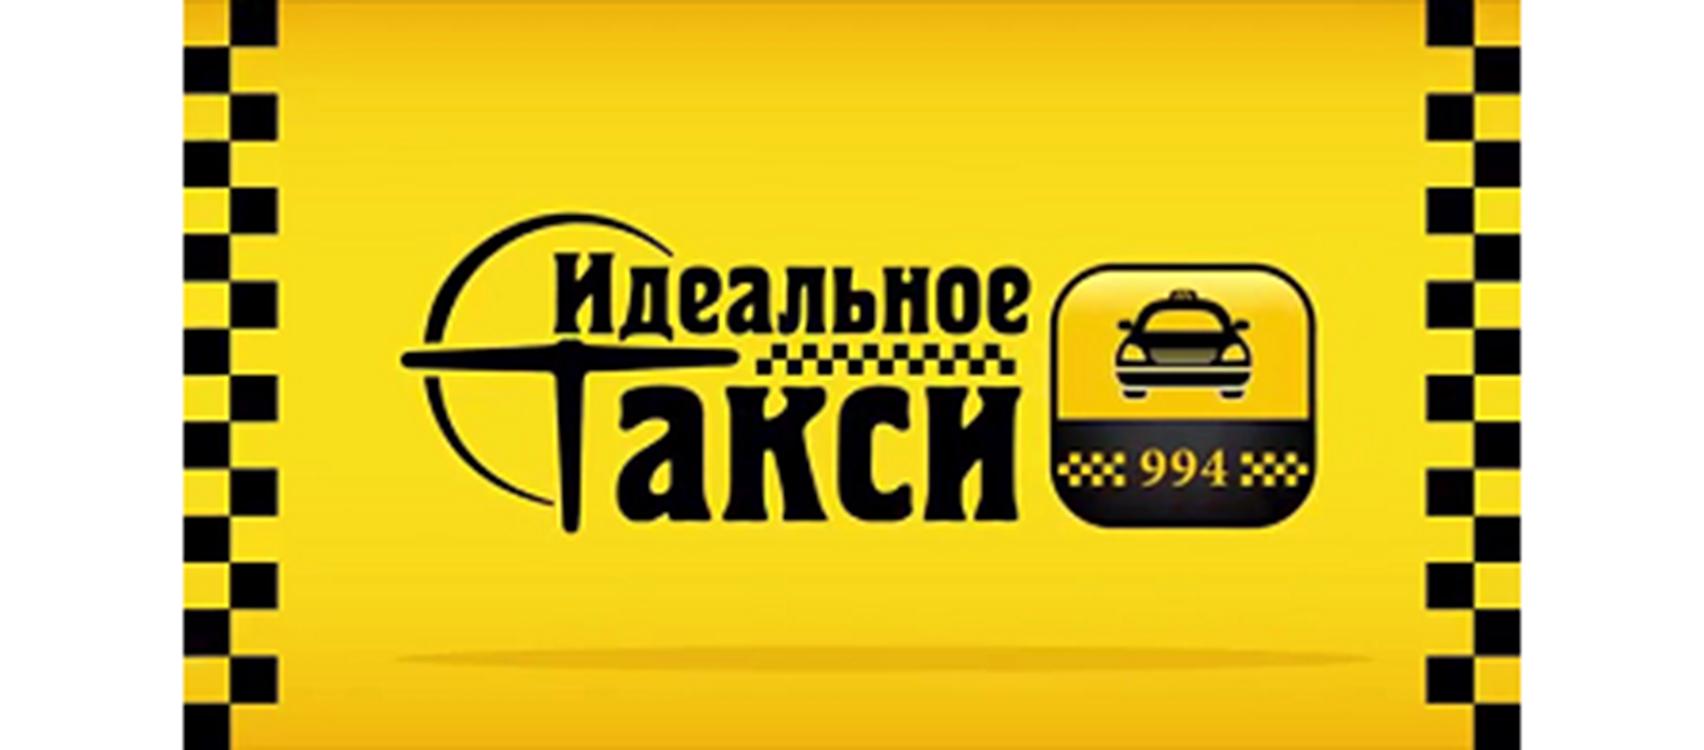 Таксі Ідеальне 994  (Миколаїв)